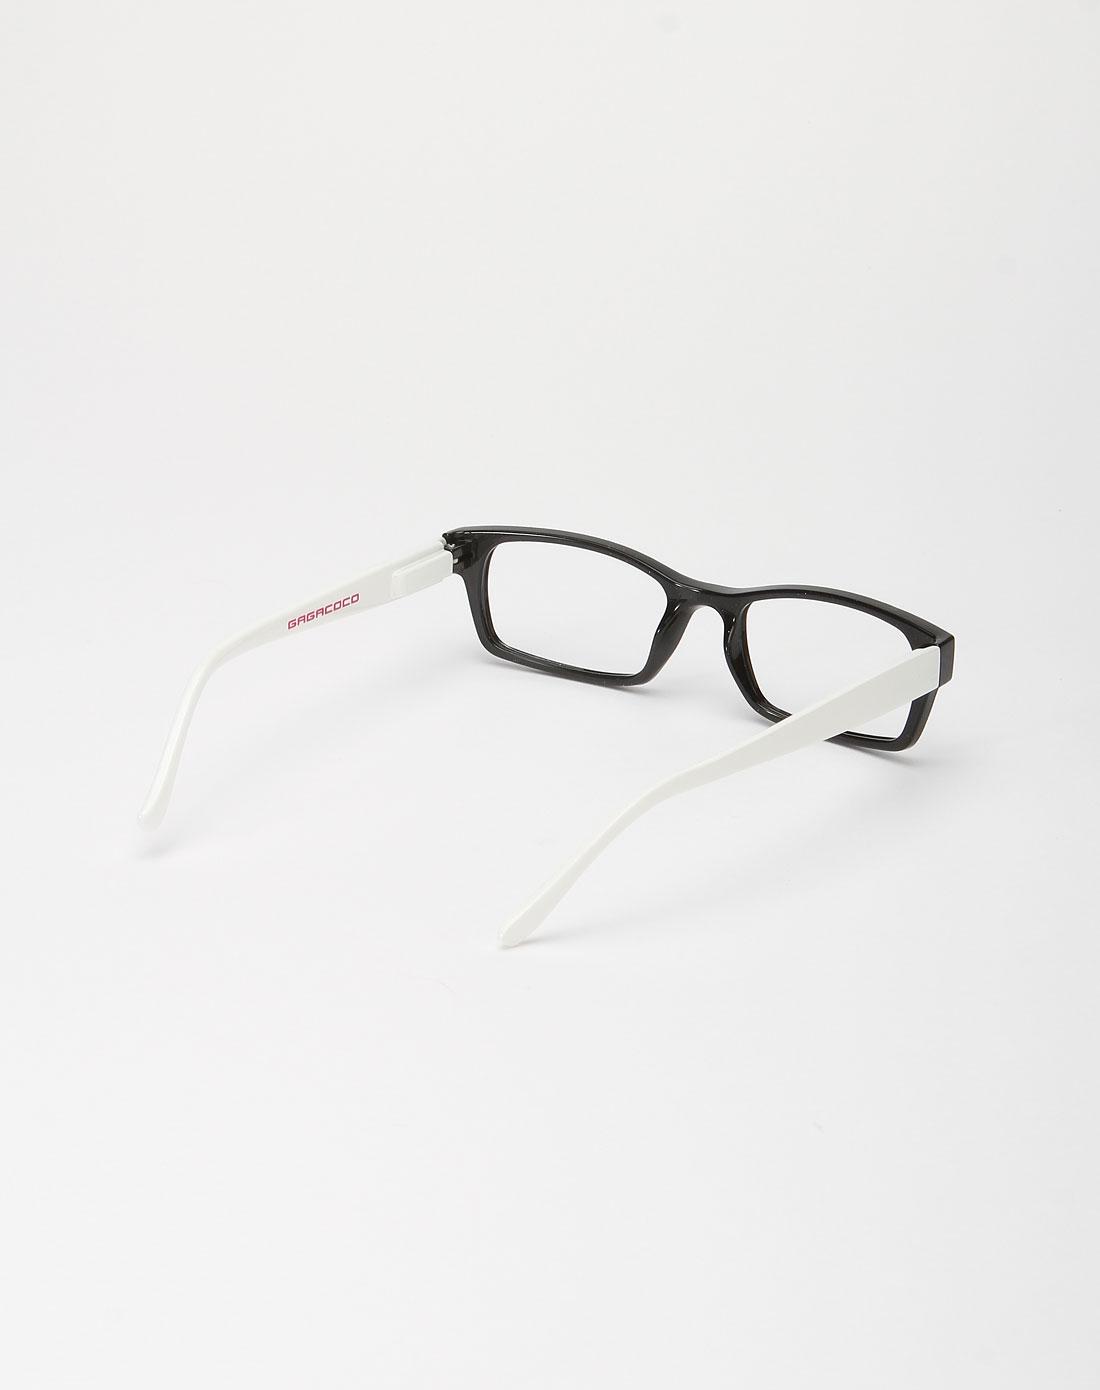 黑白色简约眼镜框